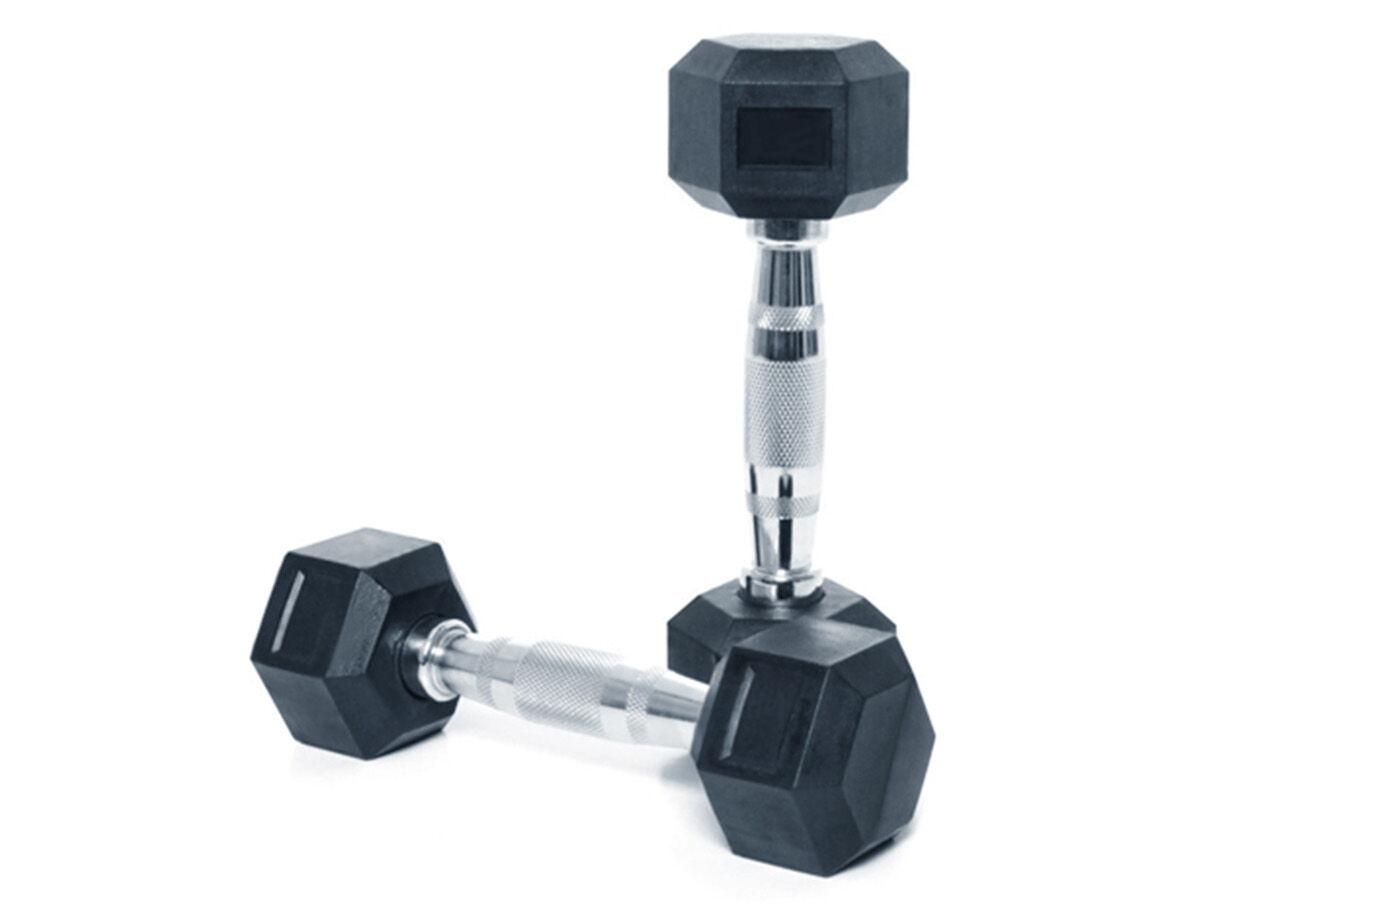 4kg Dumbbells from JTX Fitness